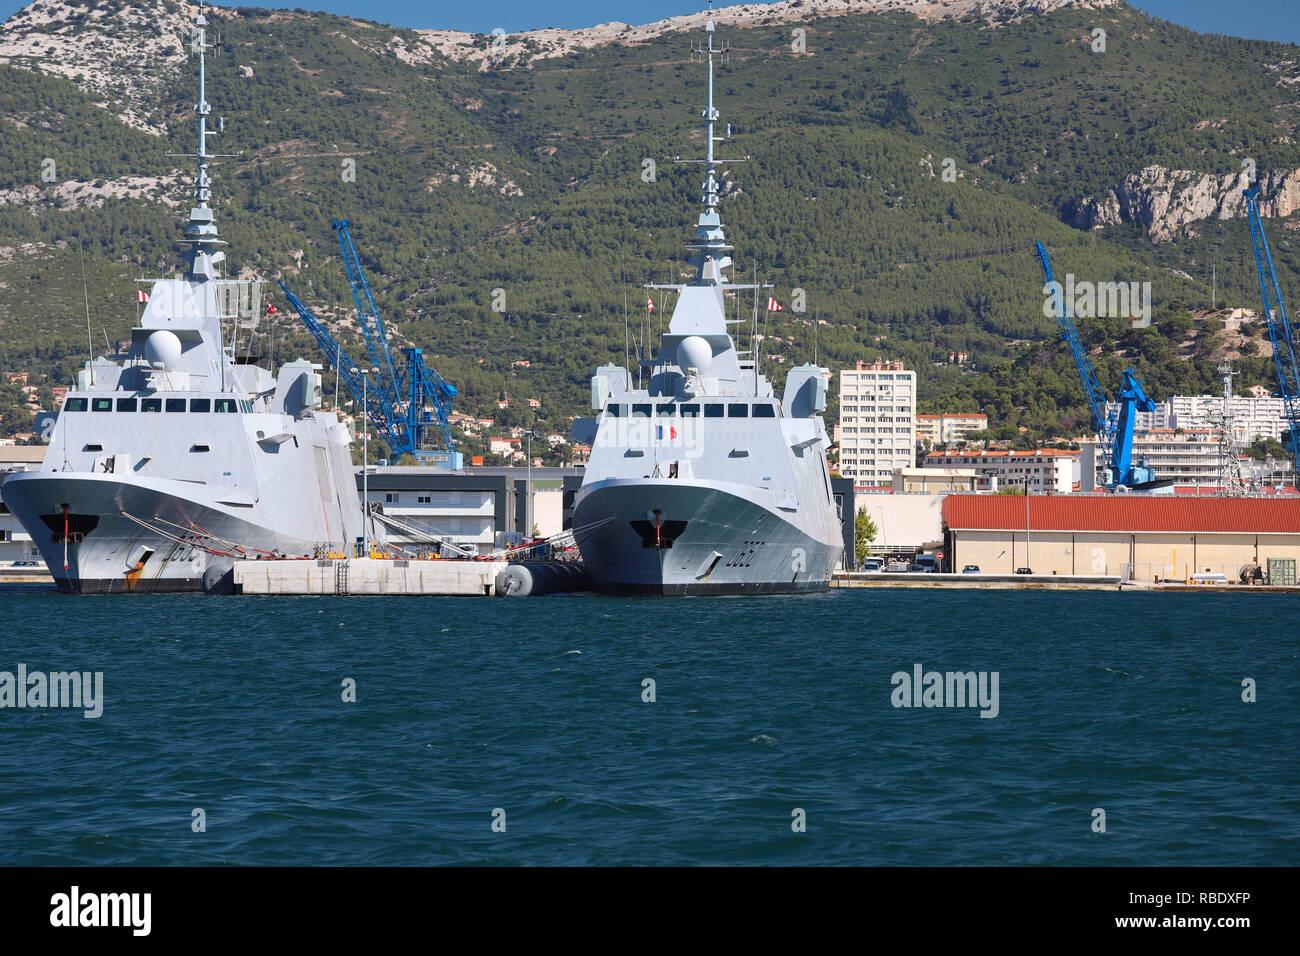 Die Fregatten Provence und Languedoc in der Französischen Marine Base am Hafen von Toulon, Frankreich angedockt. Stockbild